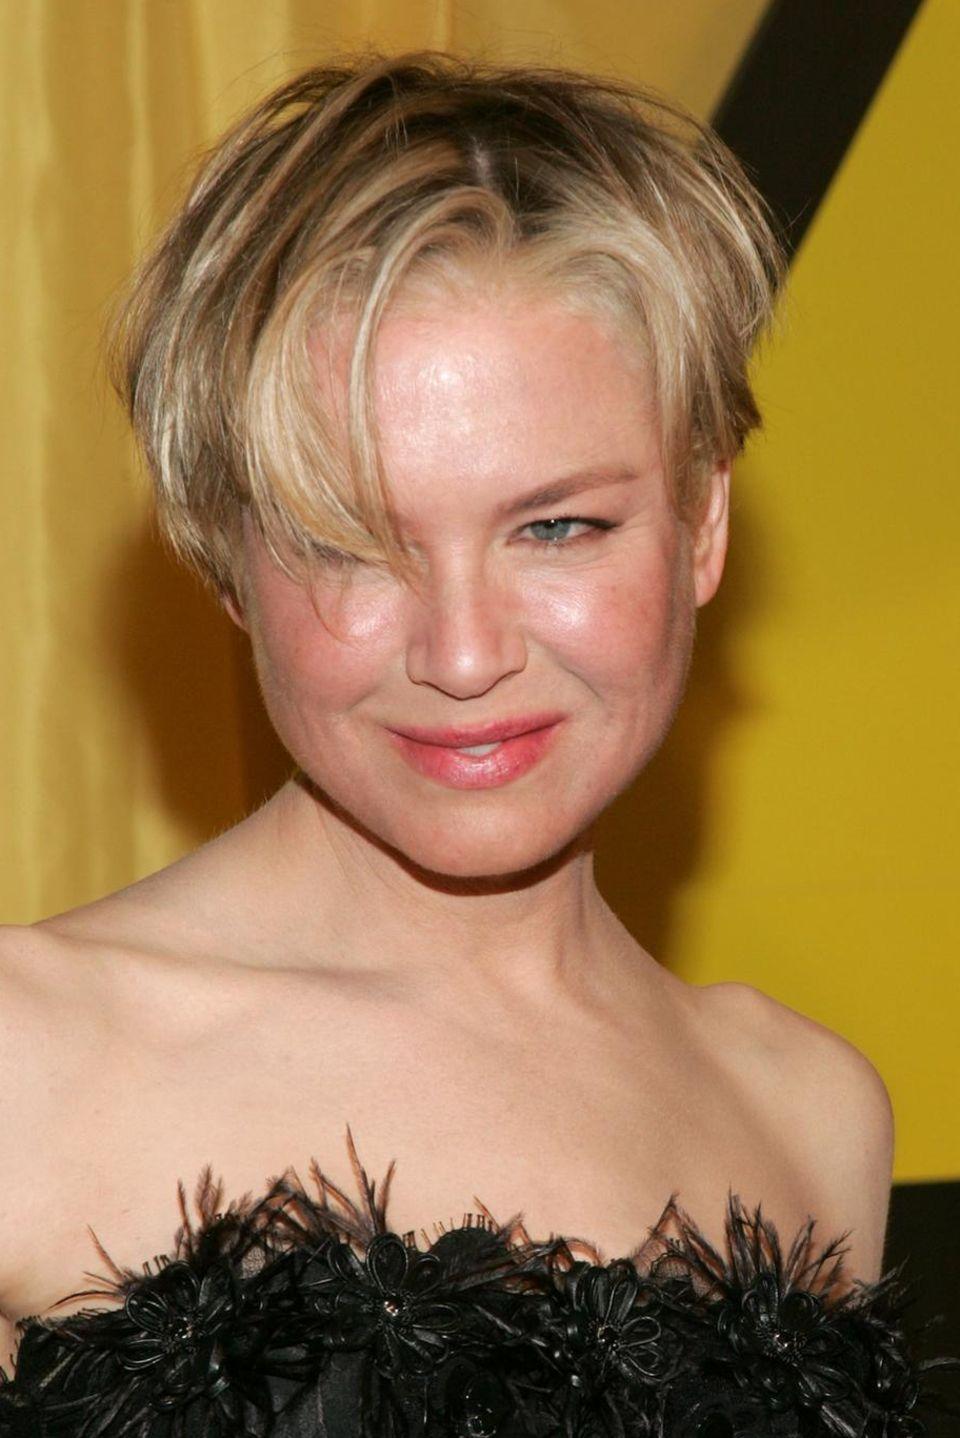 """2007:Gerötete Haut, aufgedunsene Gesichtszüge - Renée Zellweger kann aus ihren kosmetischen Eingriffen kein Geheimnis mehr machen. Mit dem """"Facial Sandblasting"""" versucht sie ihr jugendliches Aussehen aufrecht zu erhalten."""